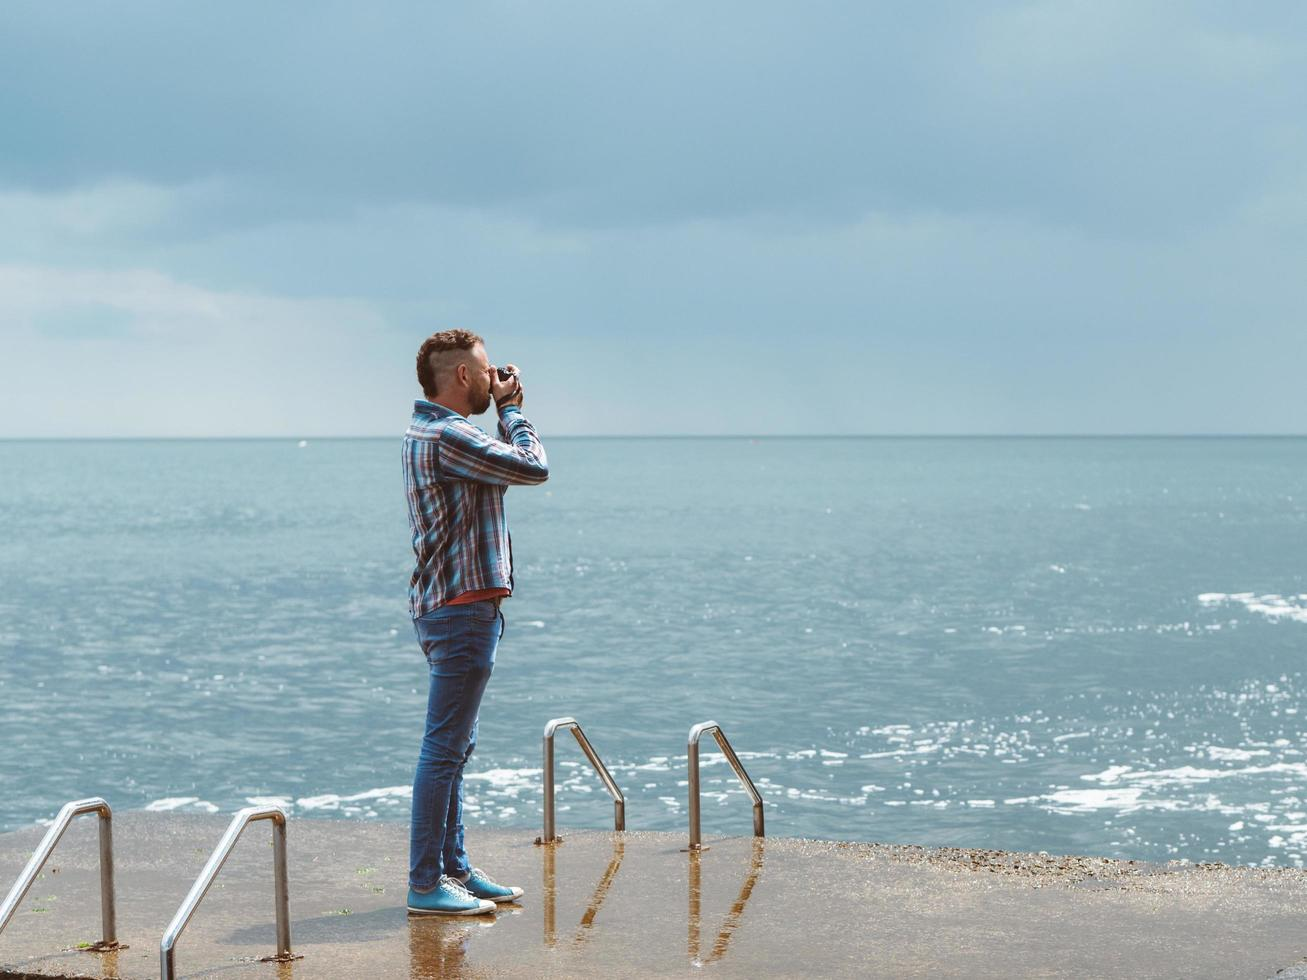 el fotógrafo hace una foto del mar